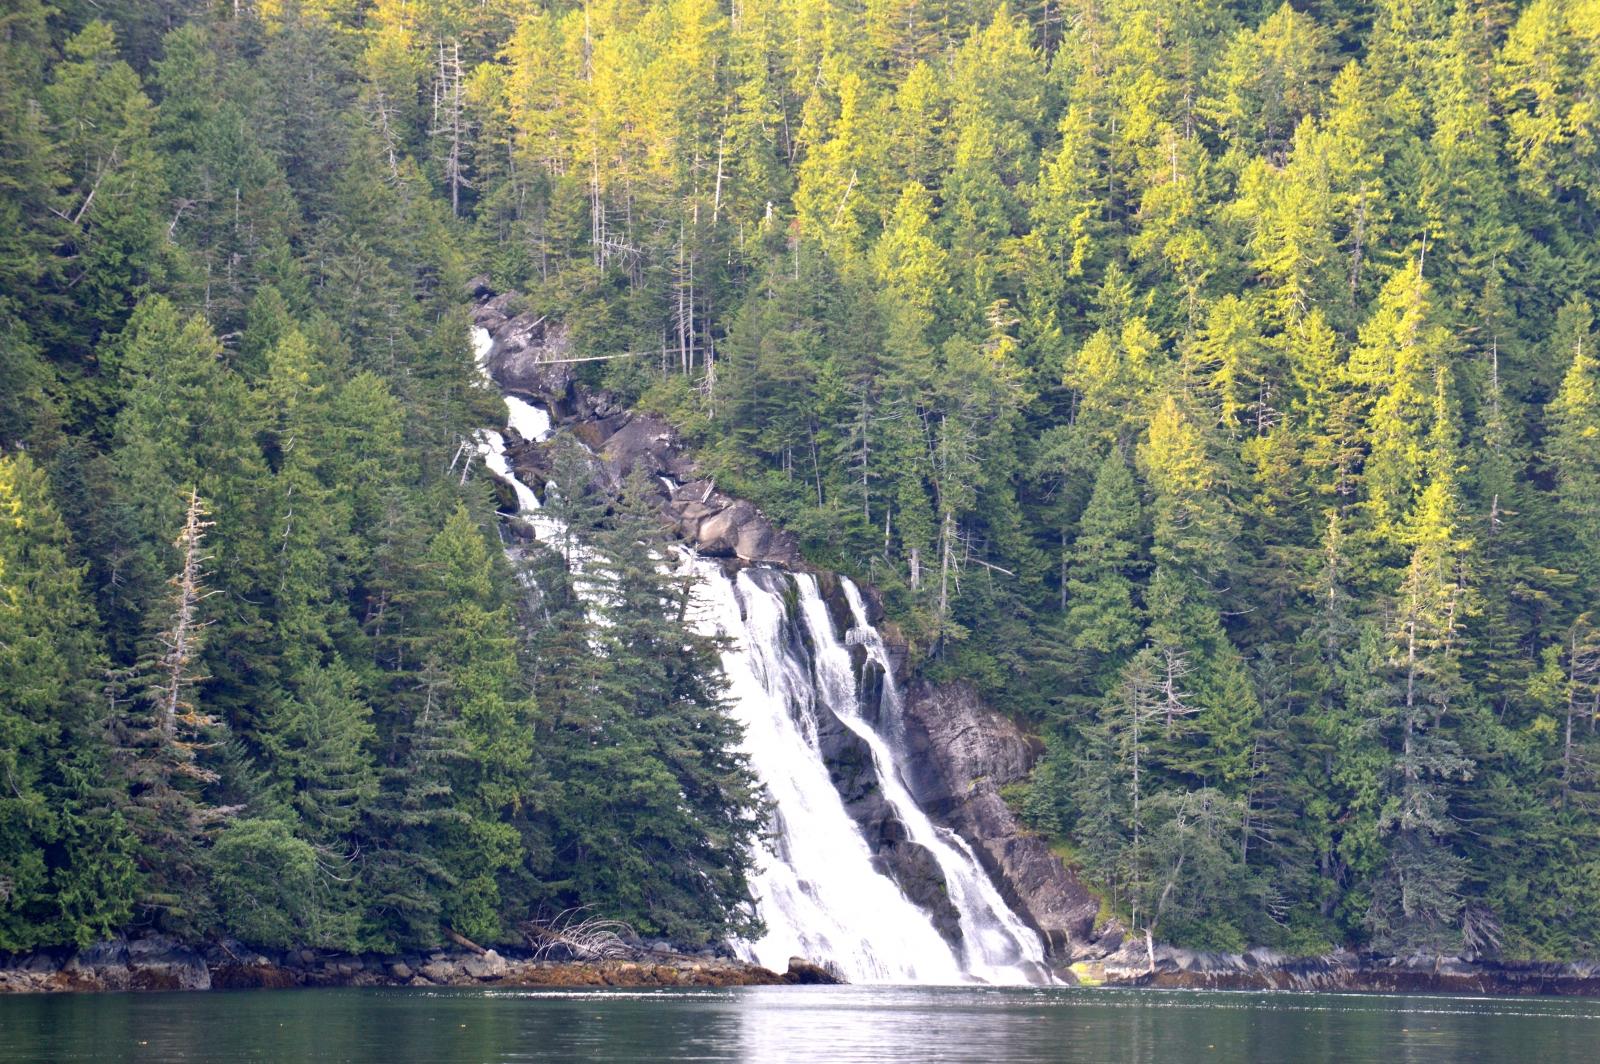 Lizette Falls